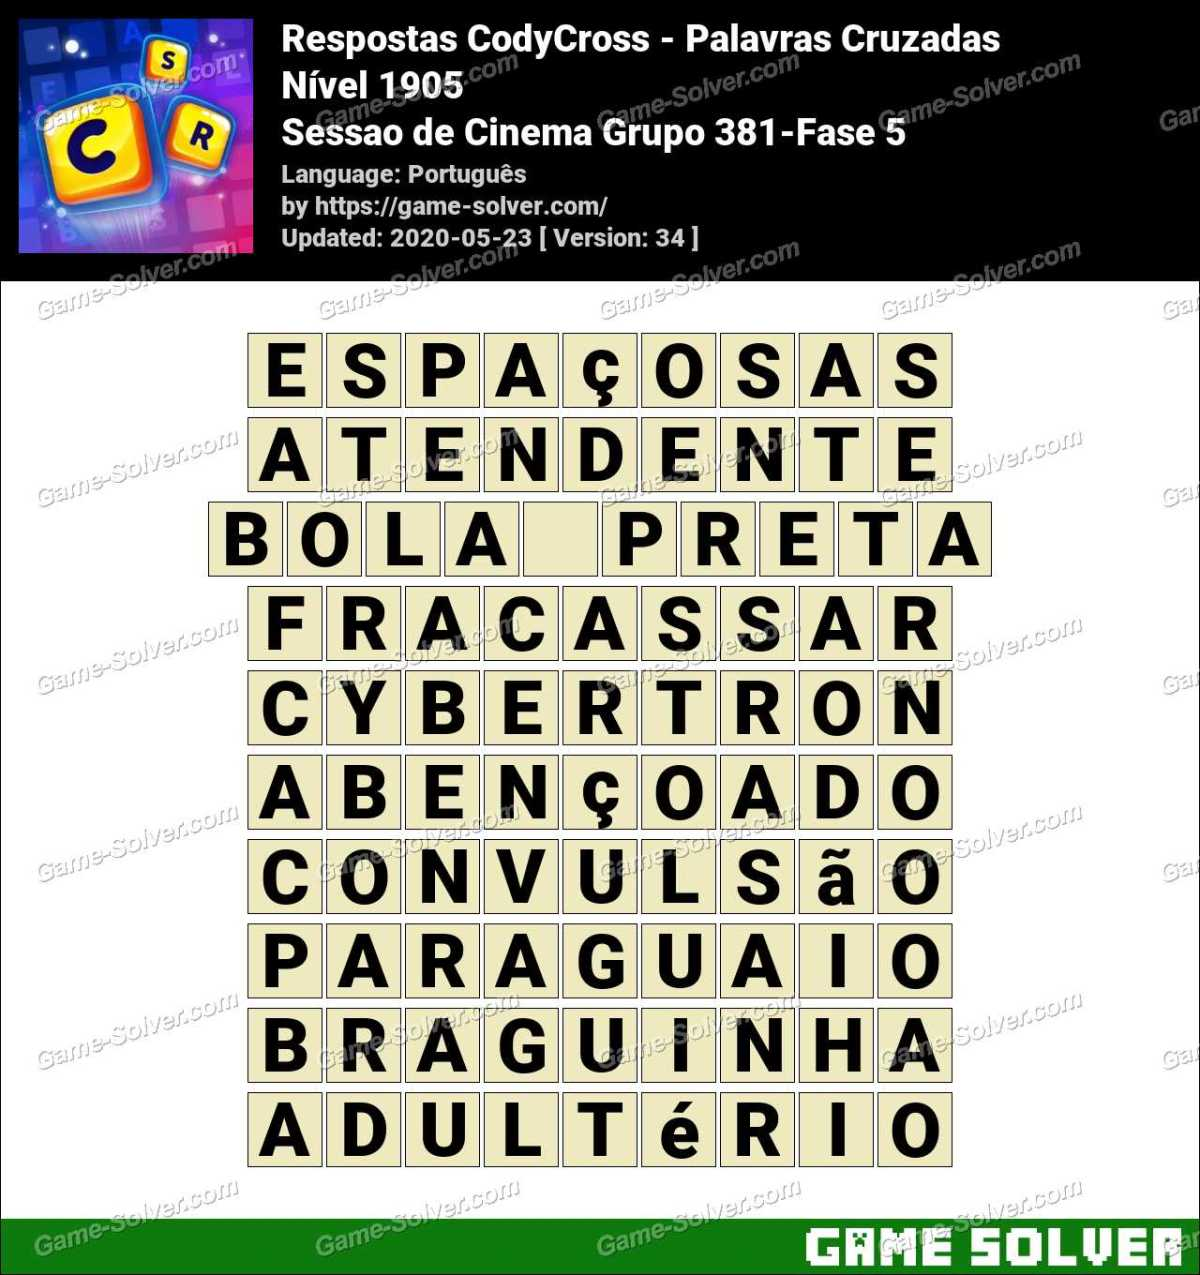 Respostas CodyCross Sessao de Cinema Grupo 381-Fase 5